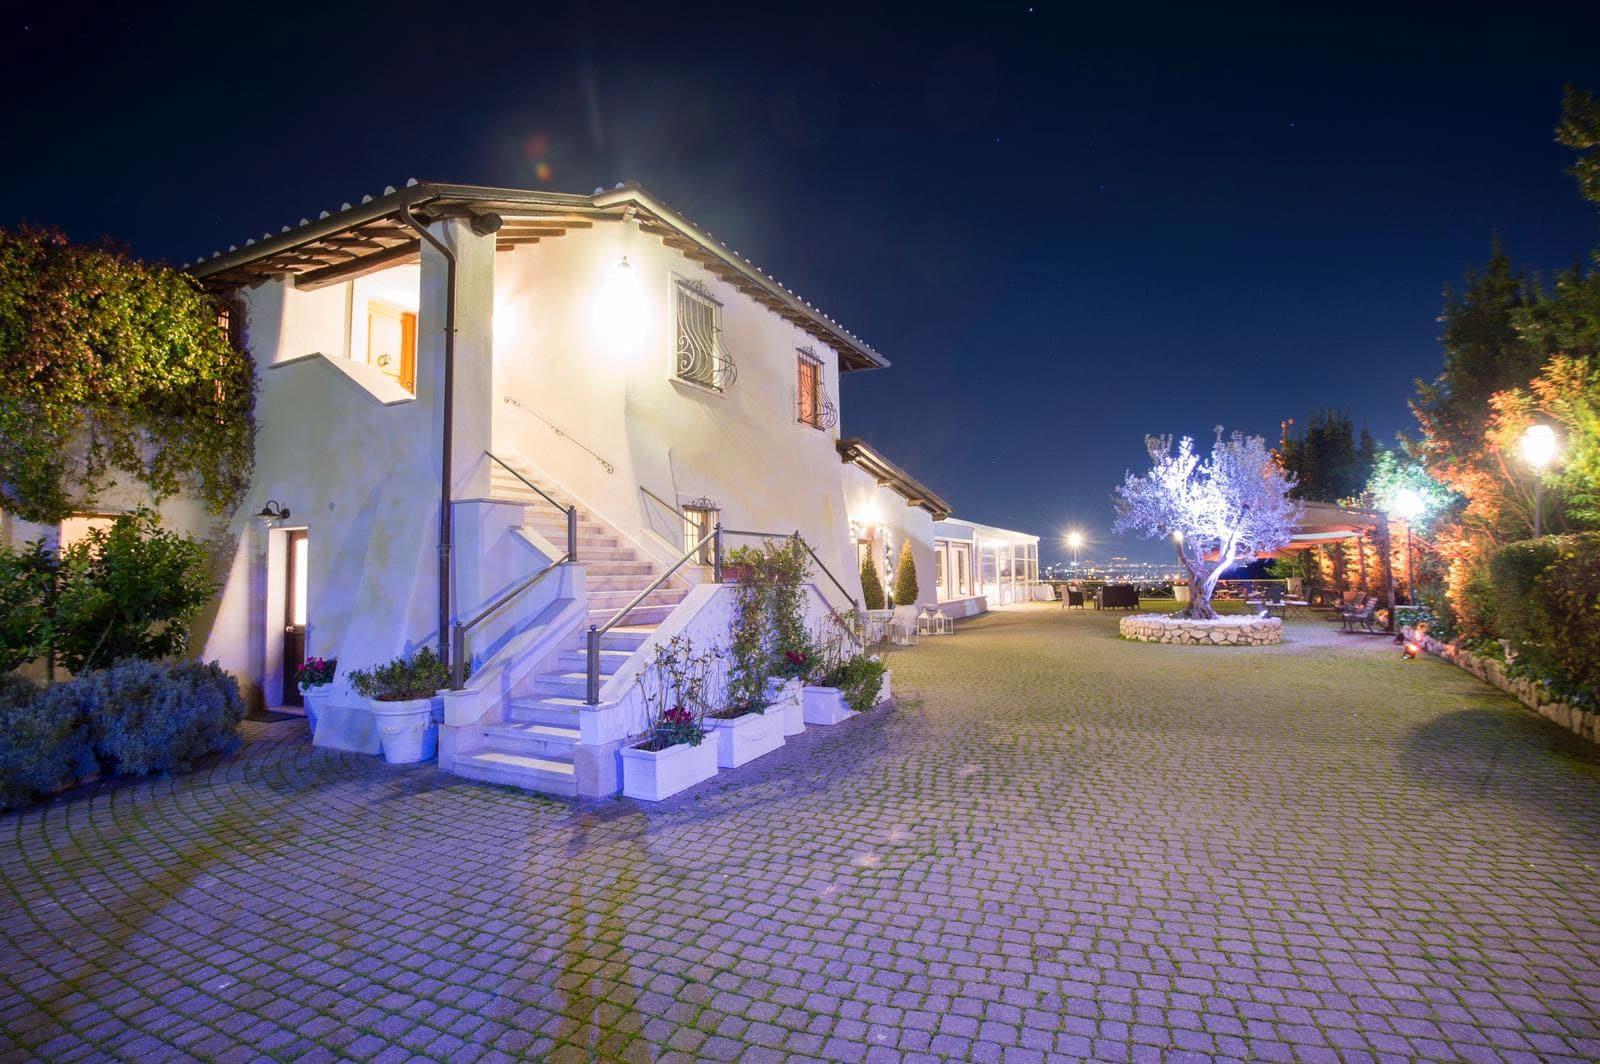 Notturno - Villa parco della Vittoria